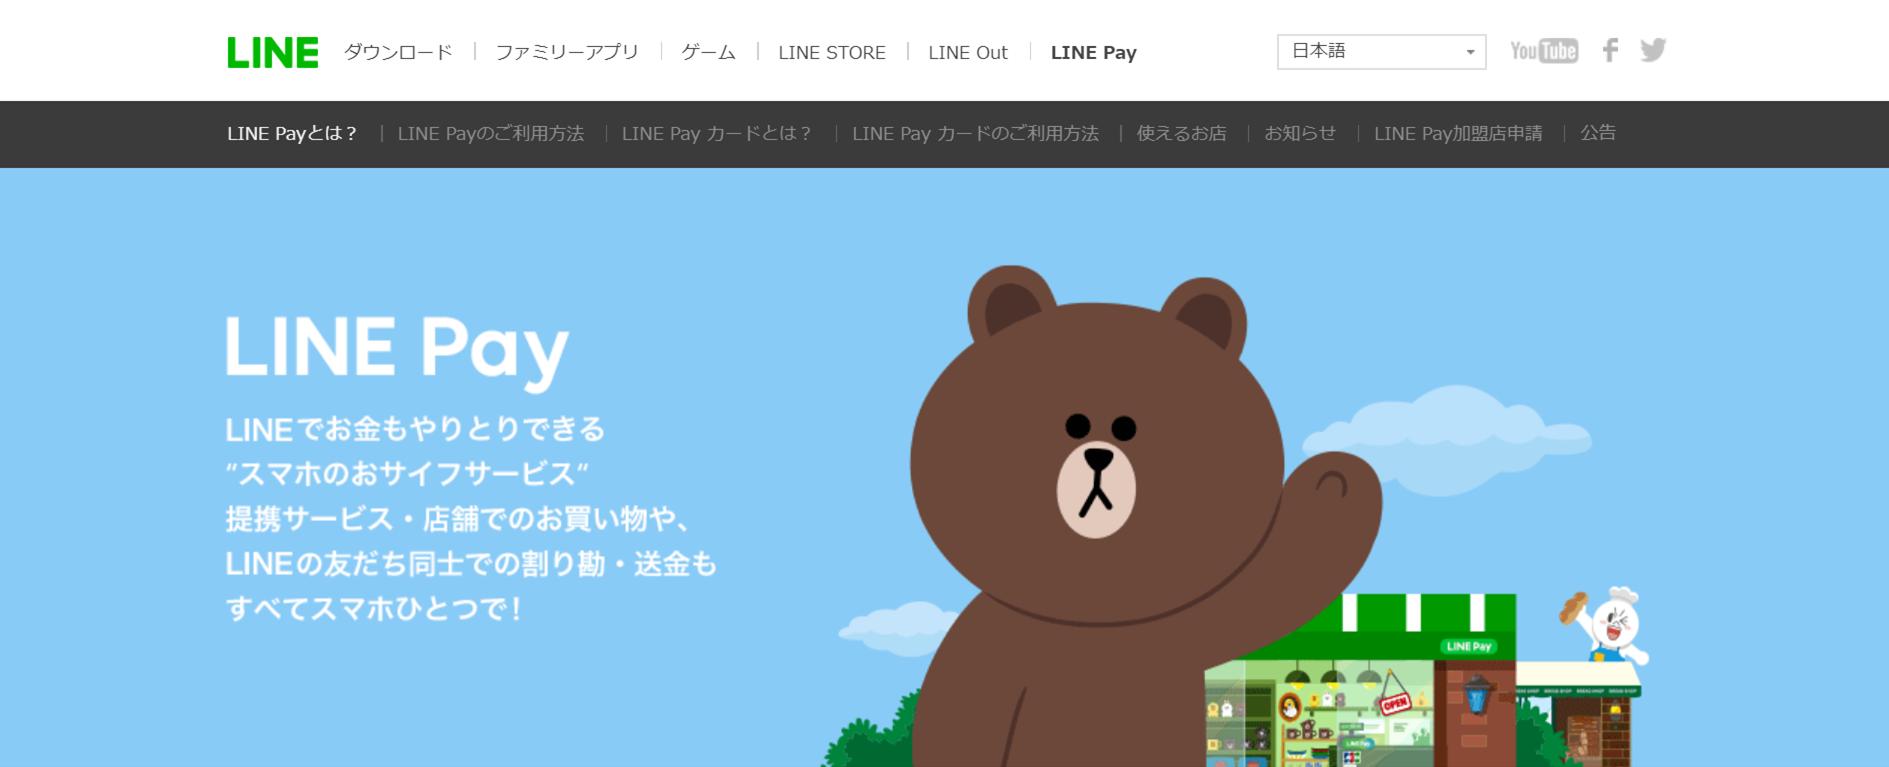 スマホ決済「LINE Pay」を使ってみた。始め方や使い方、キャンペーン情報をまとめます!